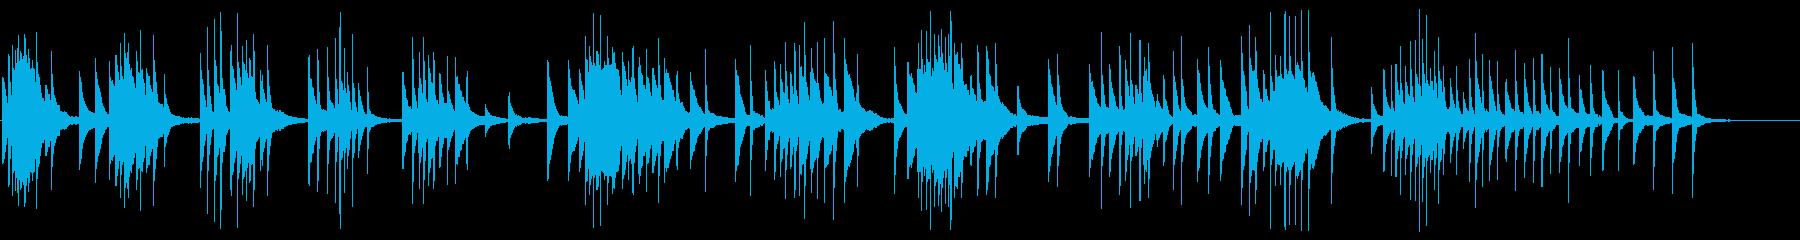 どこか不安定な印象のあるピアノサウンドの再生済みの波形